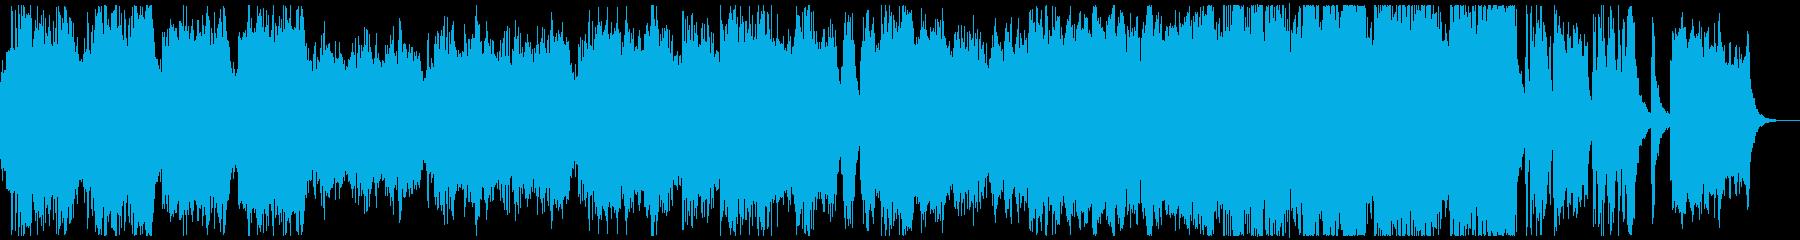 オープニング映像にぴったりのオーケストラの再生済みの波形